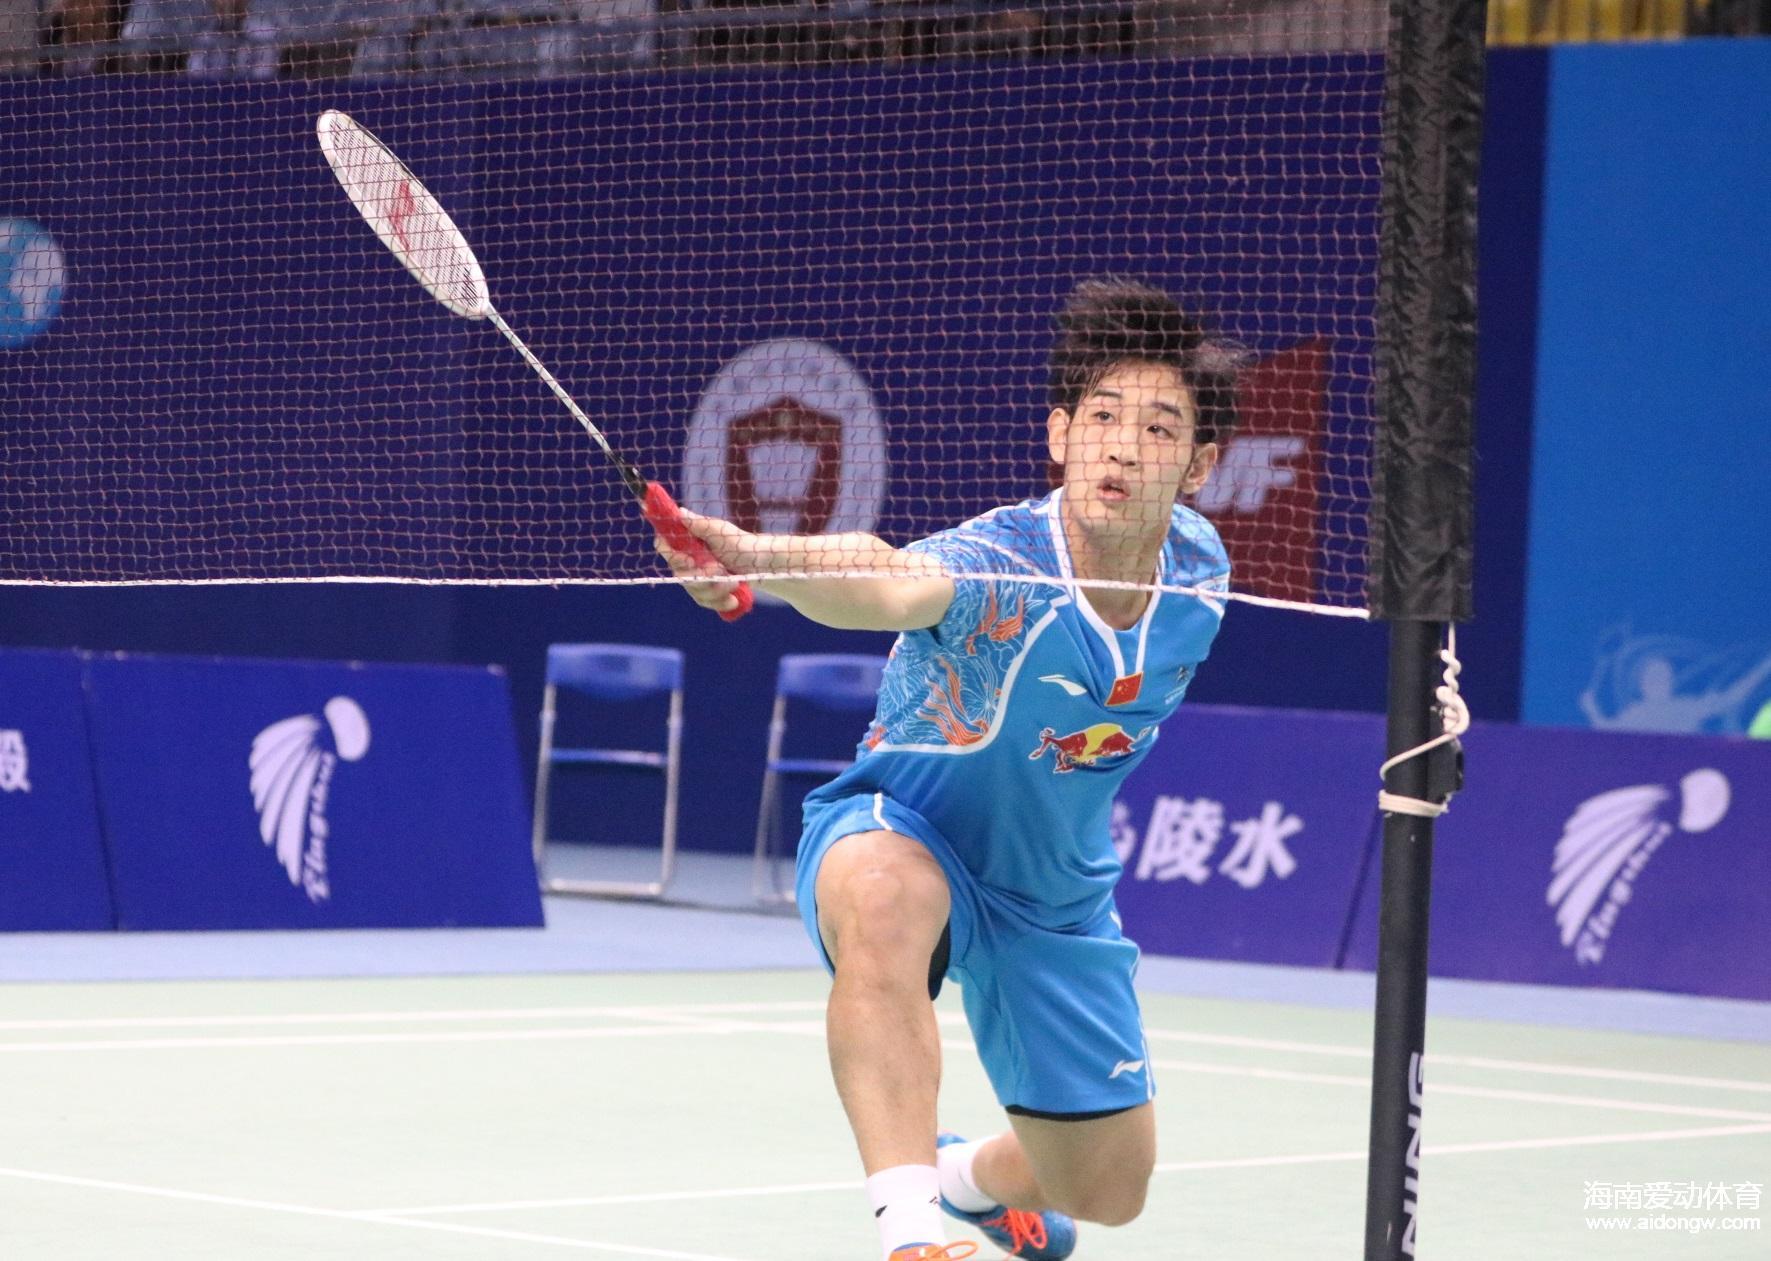 2017中国(陵水)国际羽毛球挑战赛圆满落幕 中国队揽获3项冠军